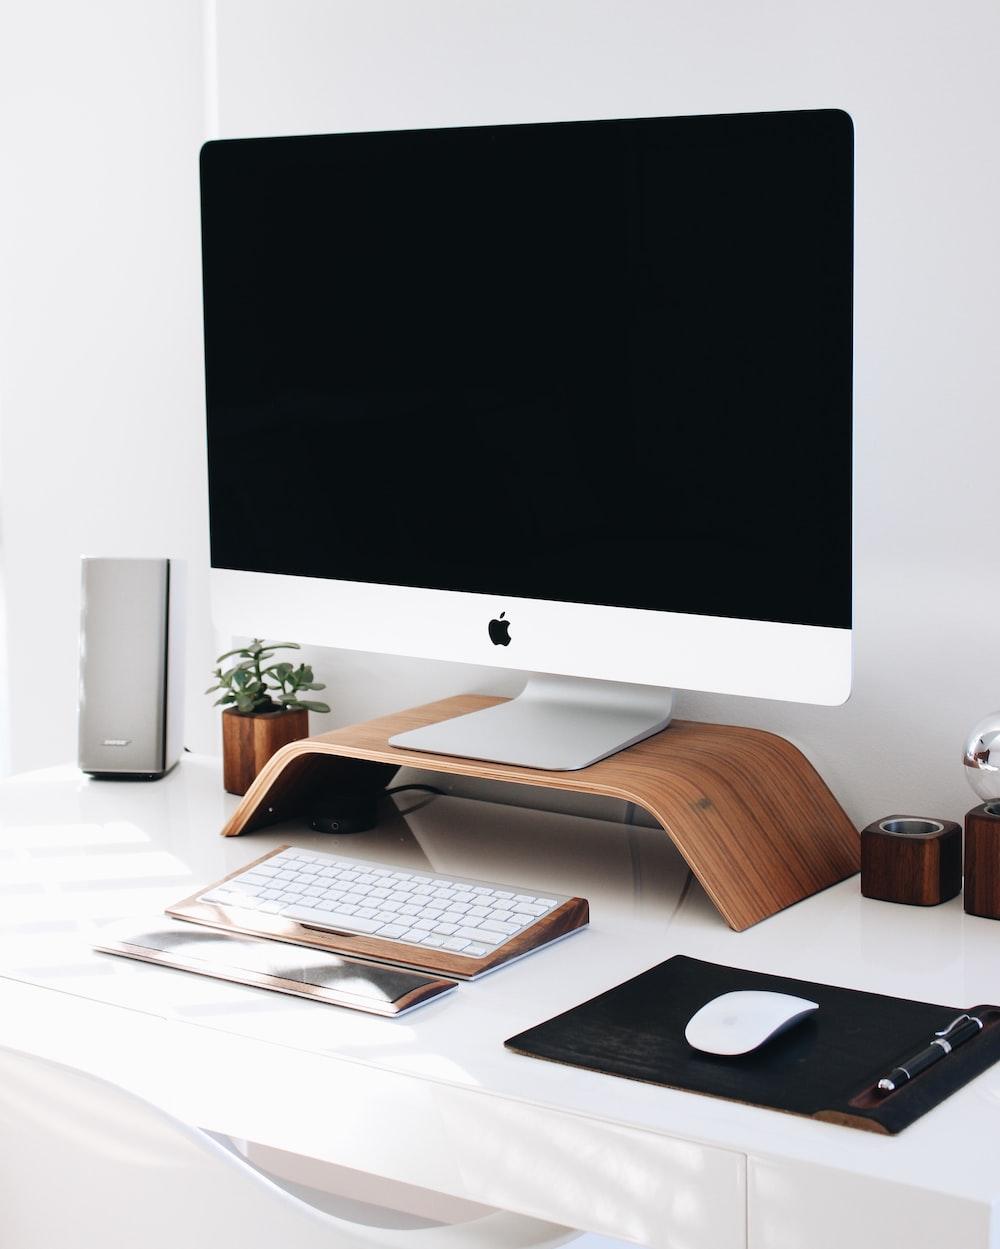 white iMac